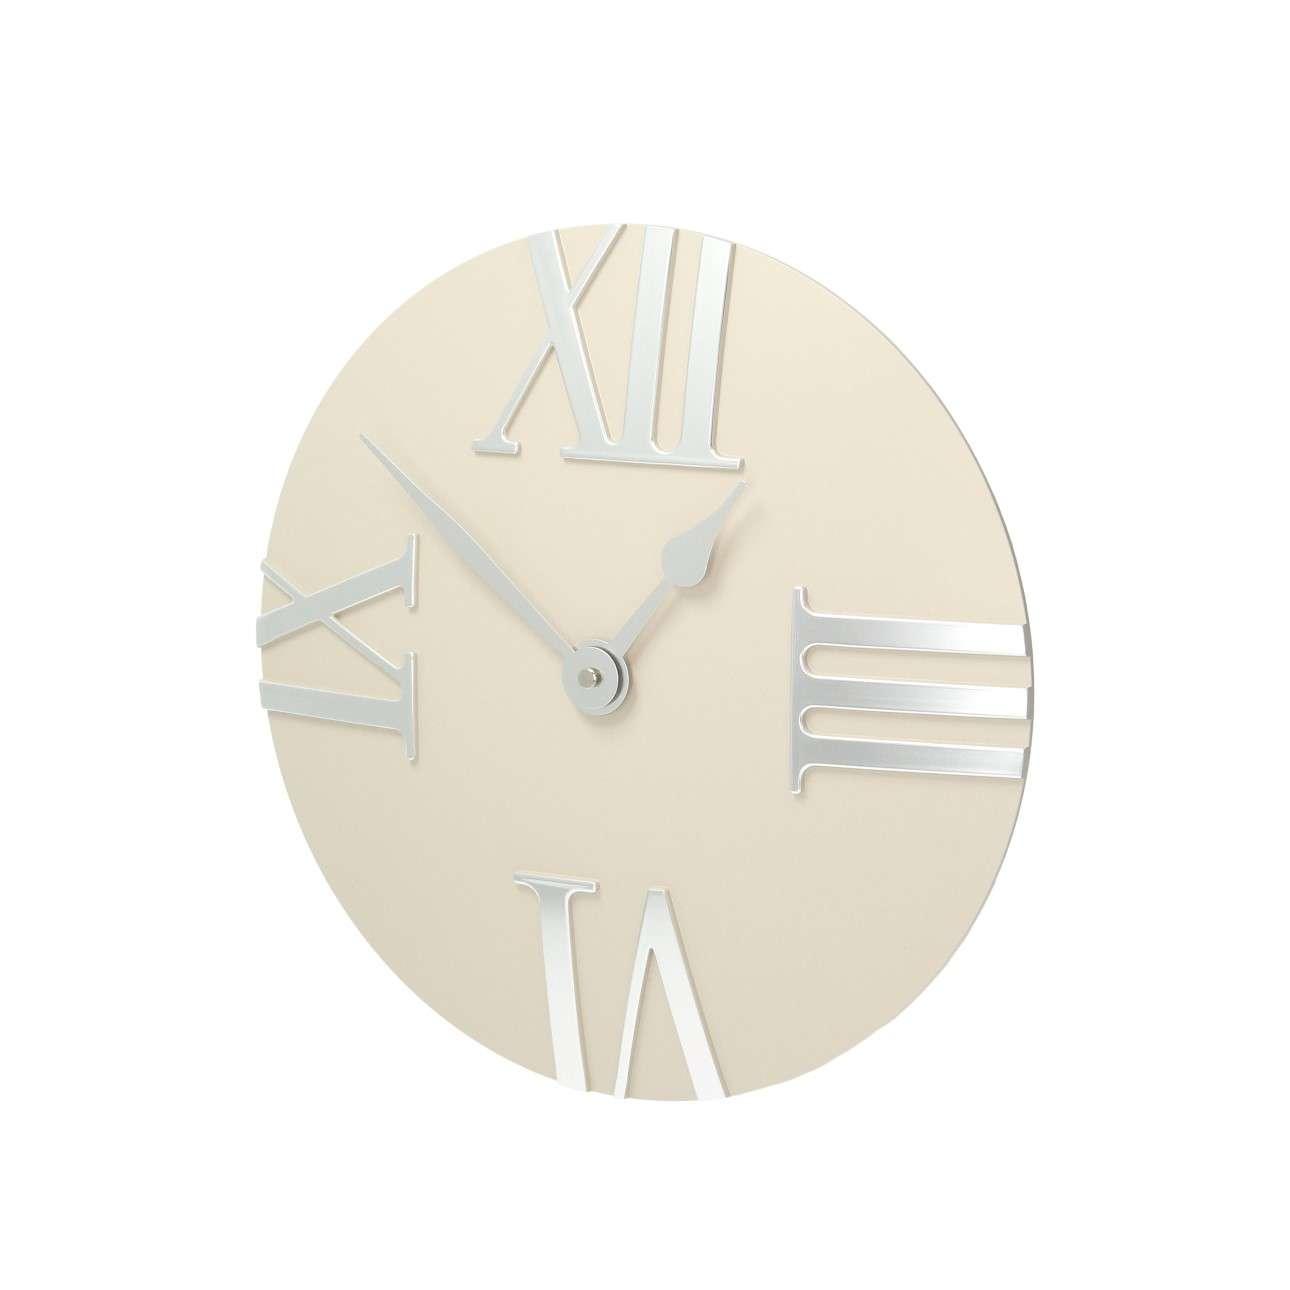 Uhr Retro cream